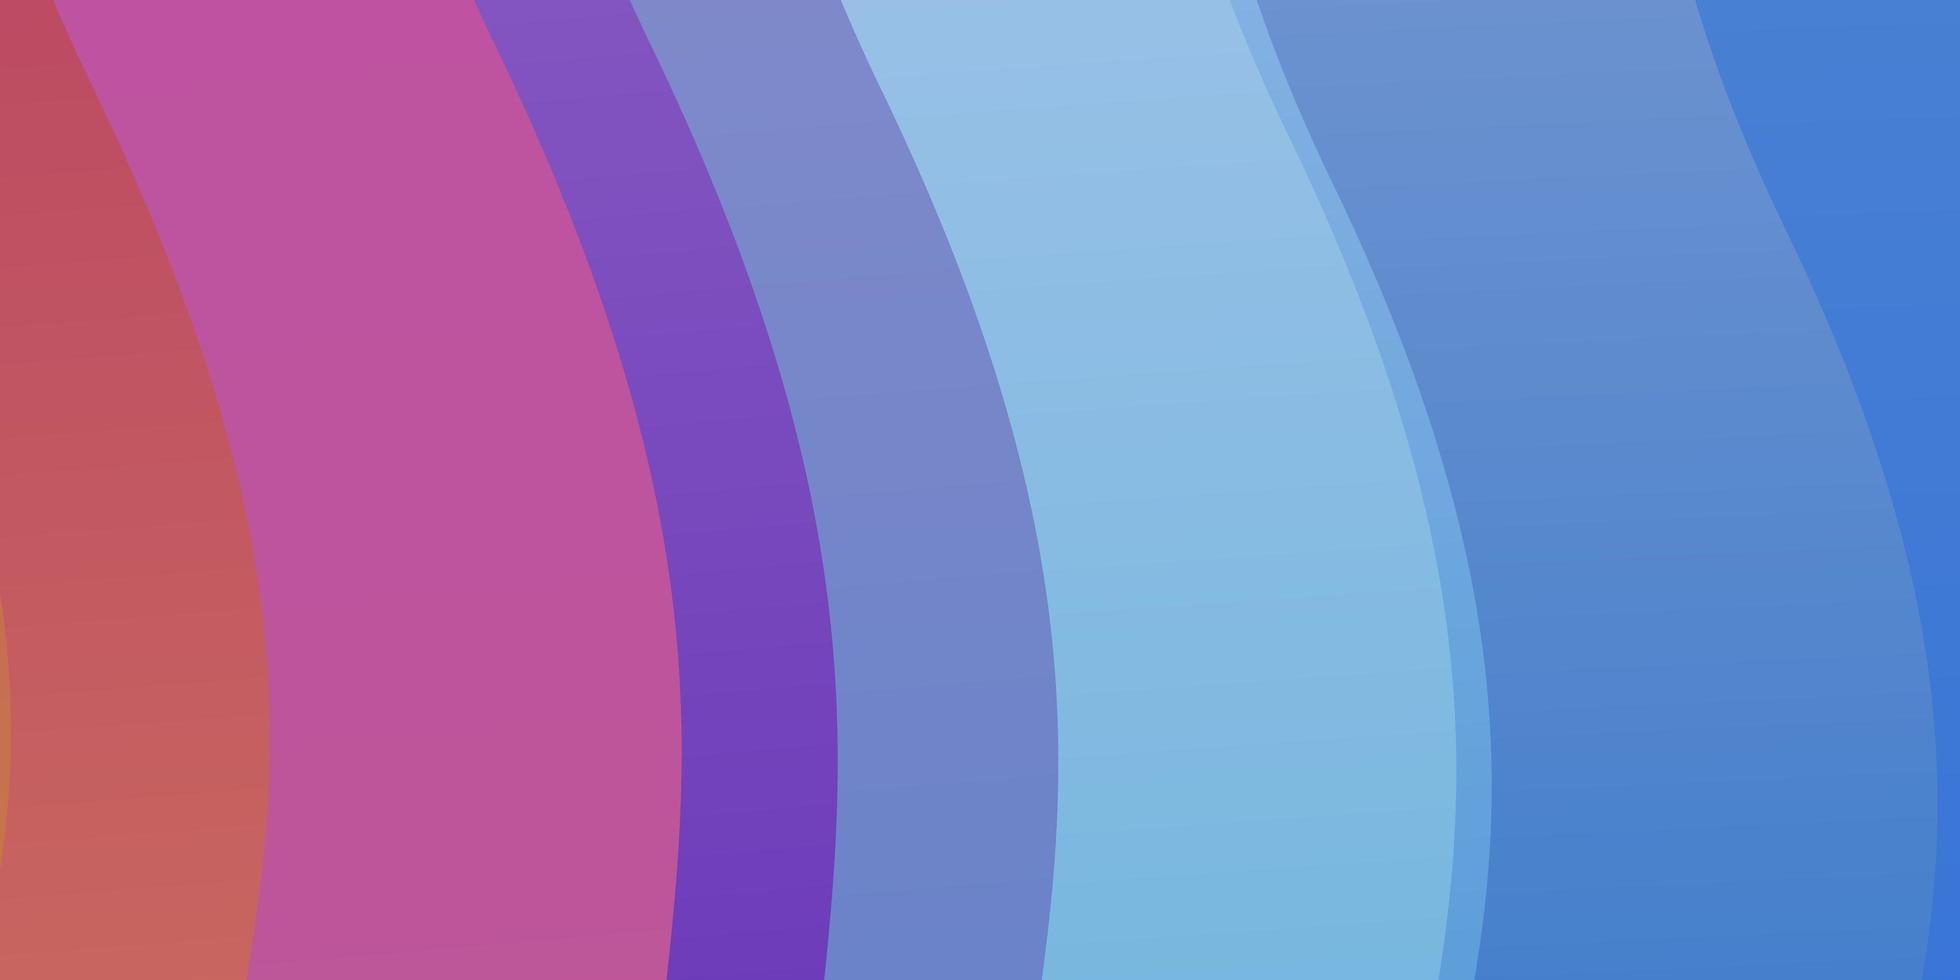 lichtblauw, rood vectorpatroon met wrange lijnen. vector